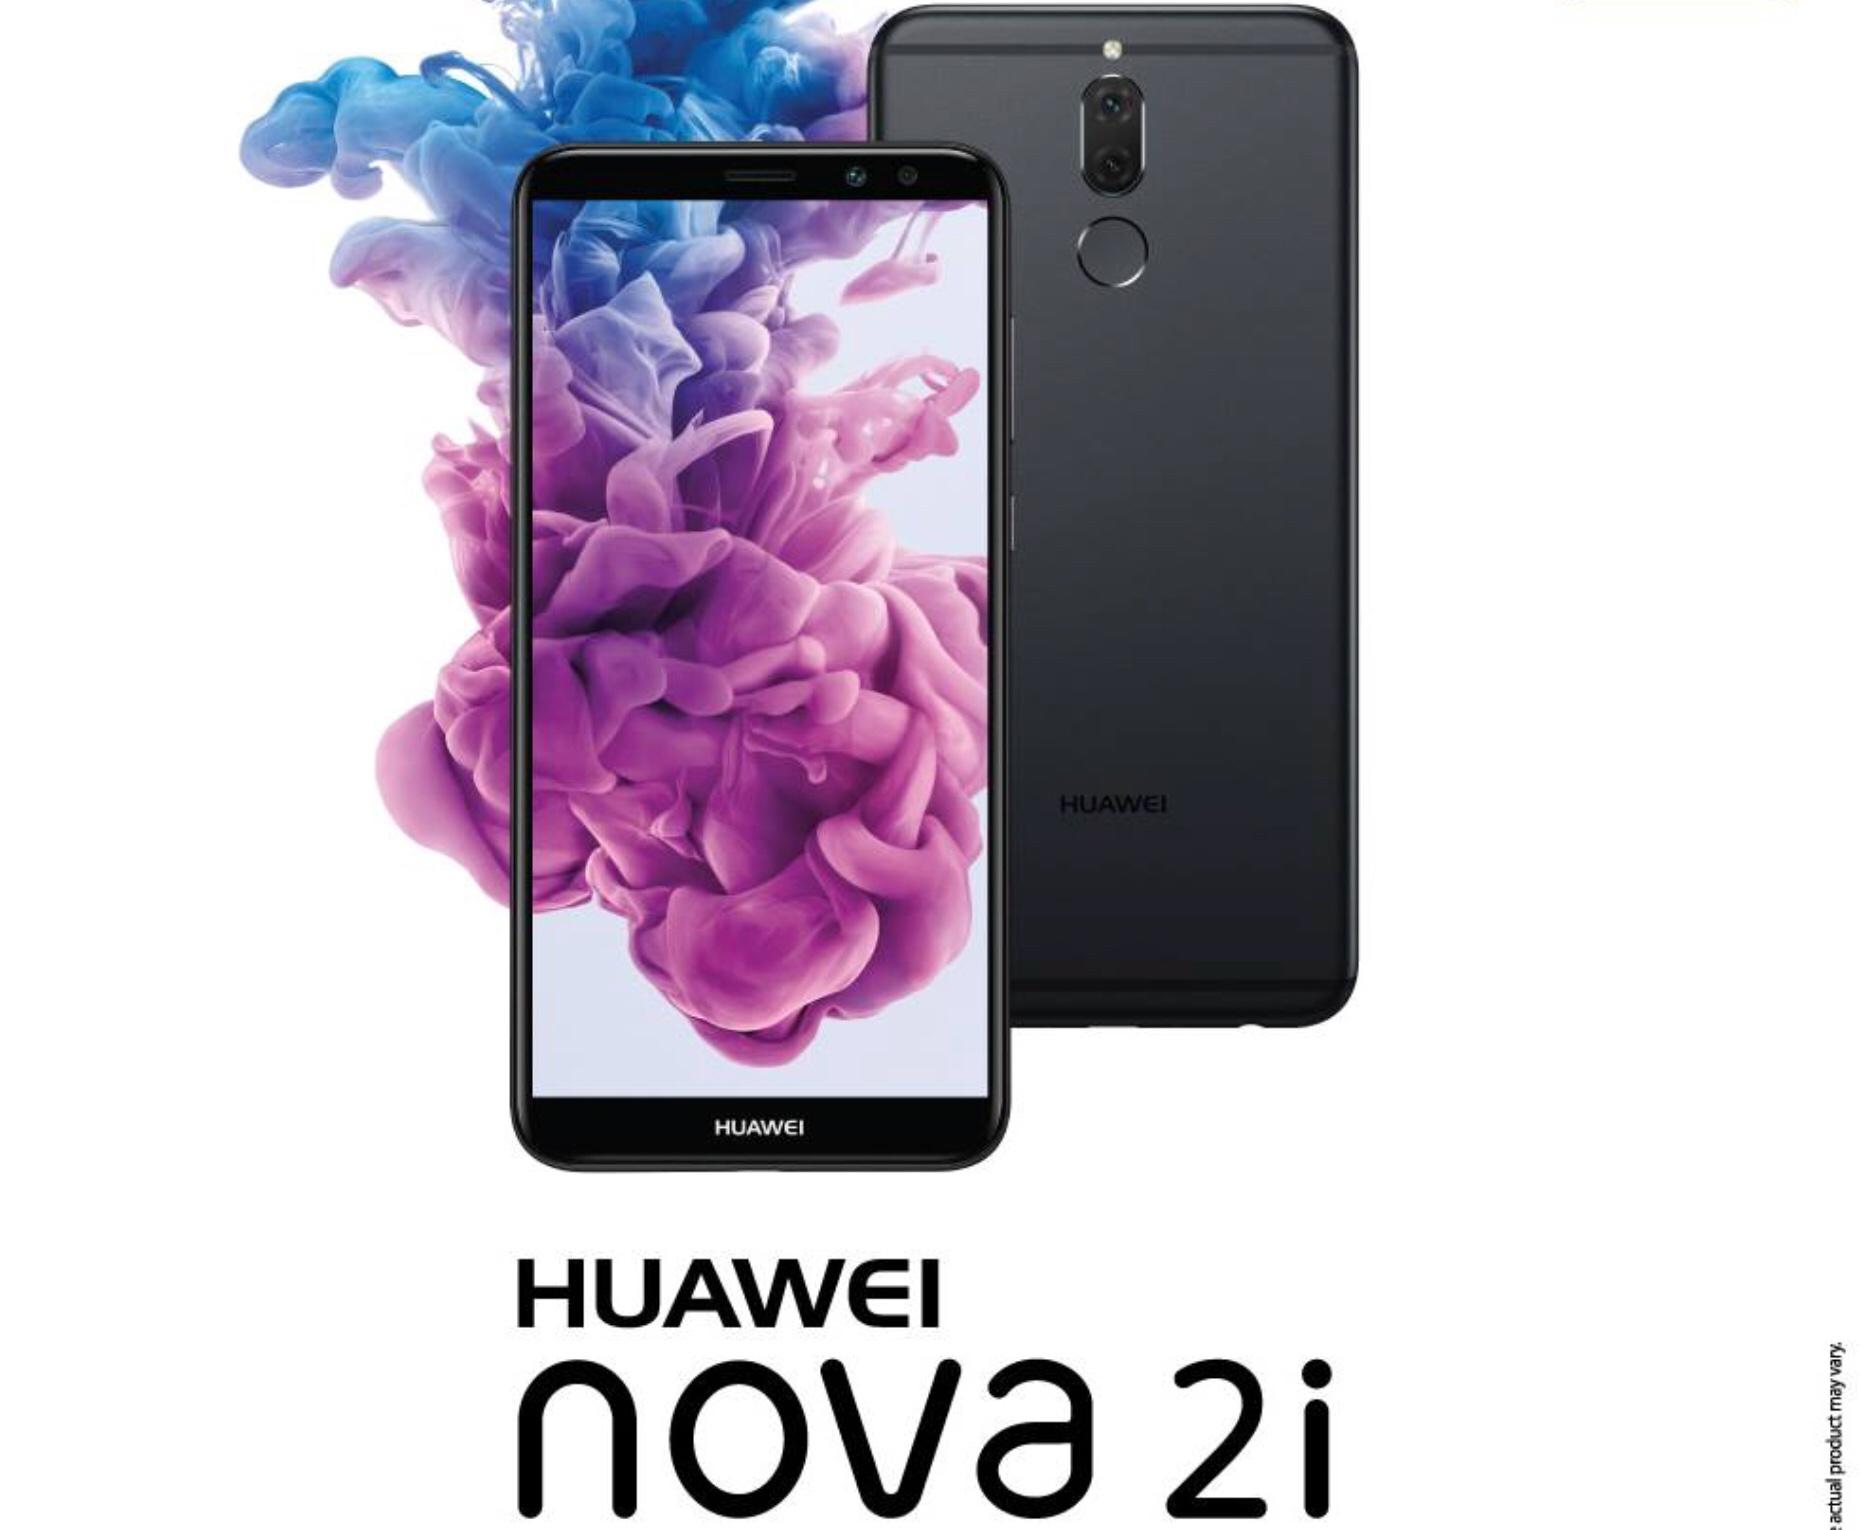 huawei-nova-2i-tme-promotion.jpeg